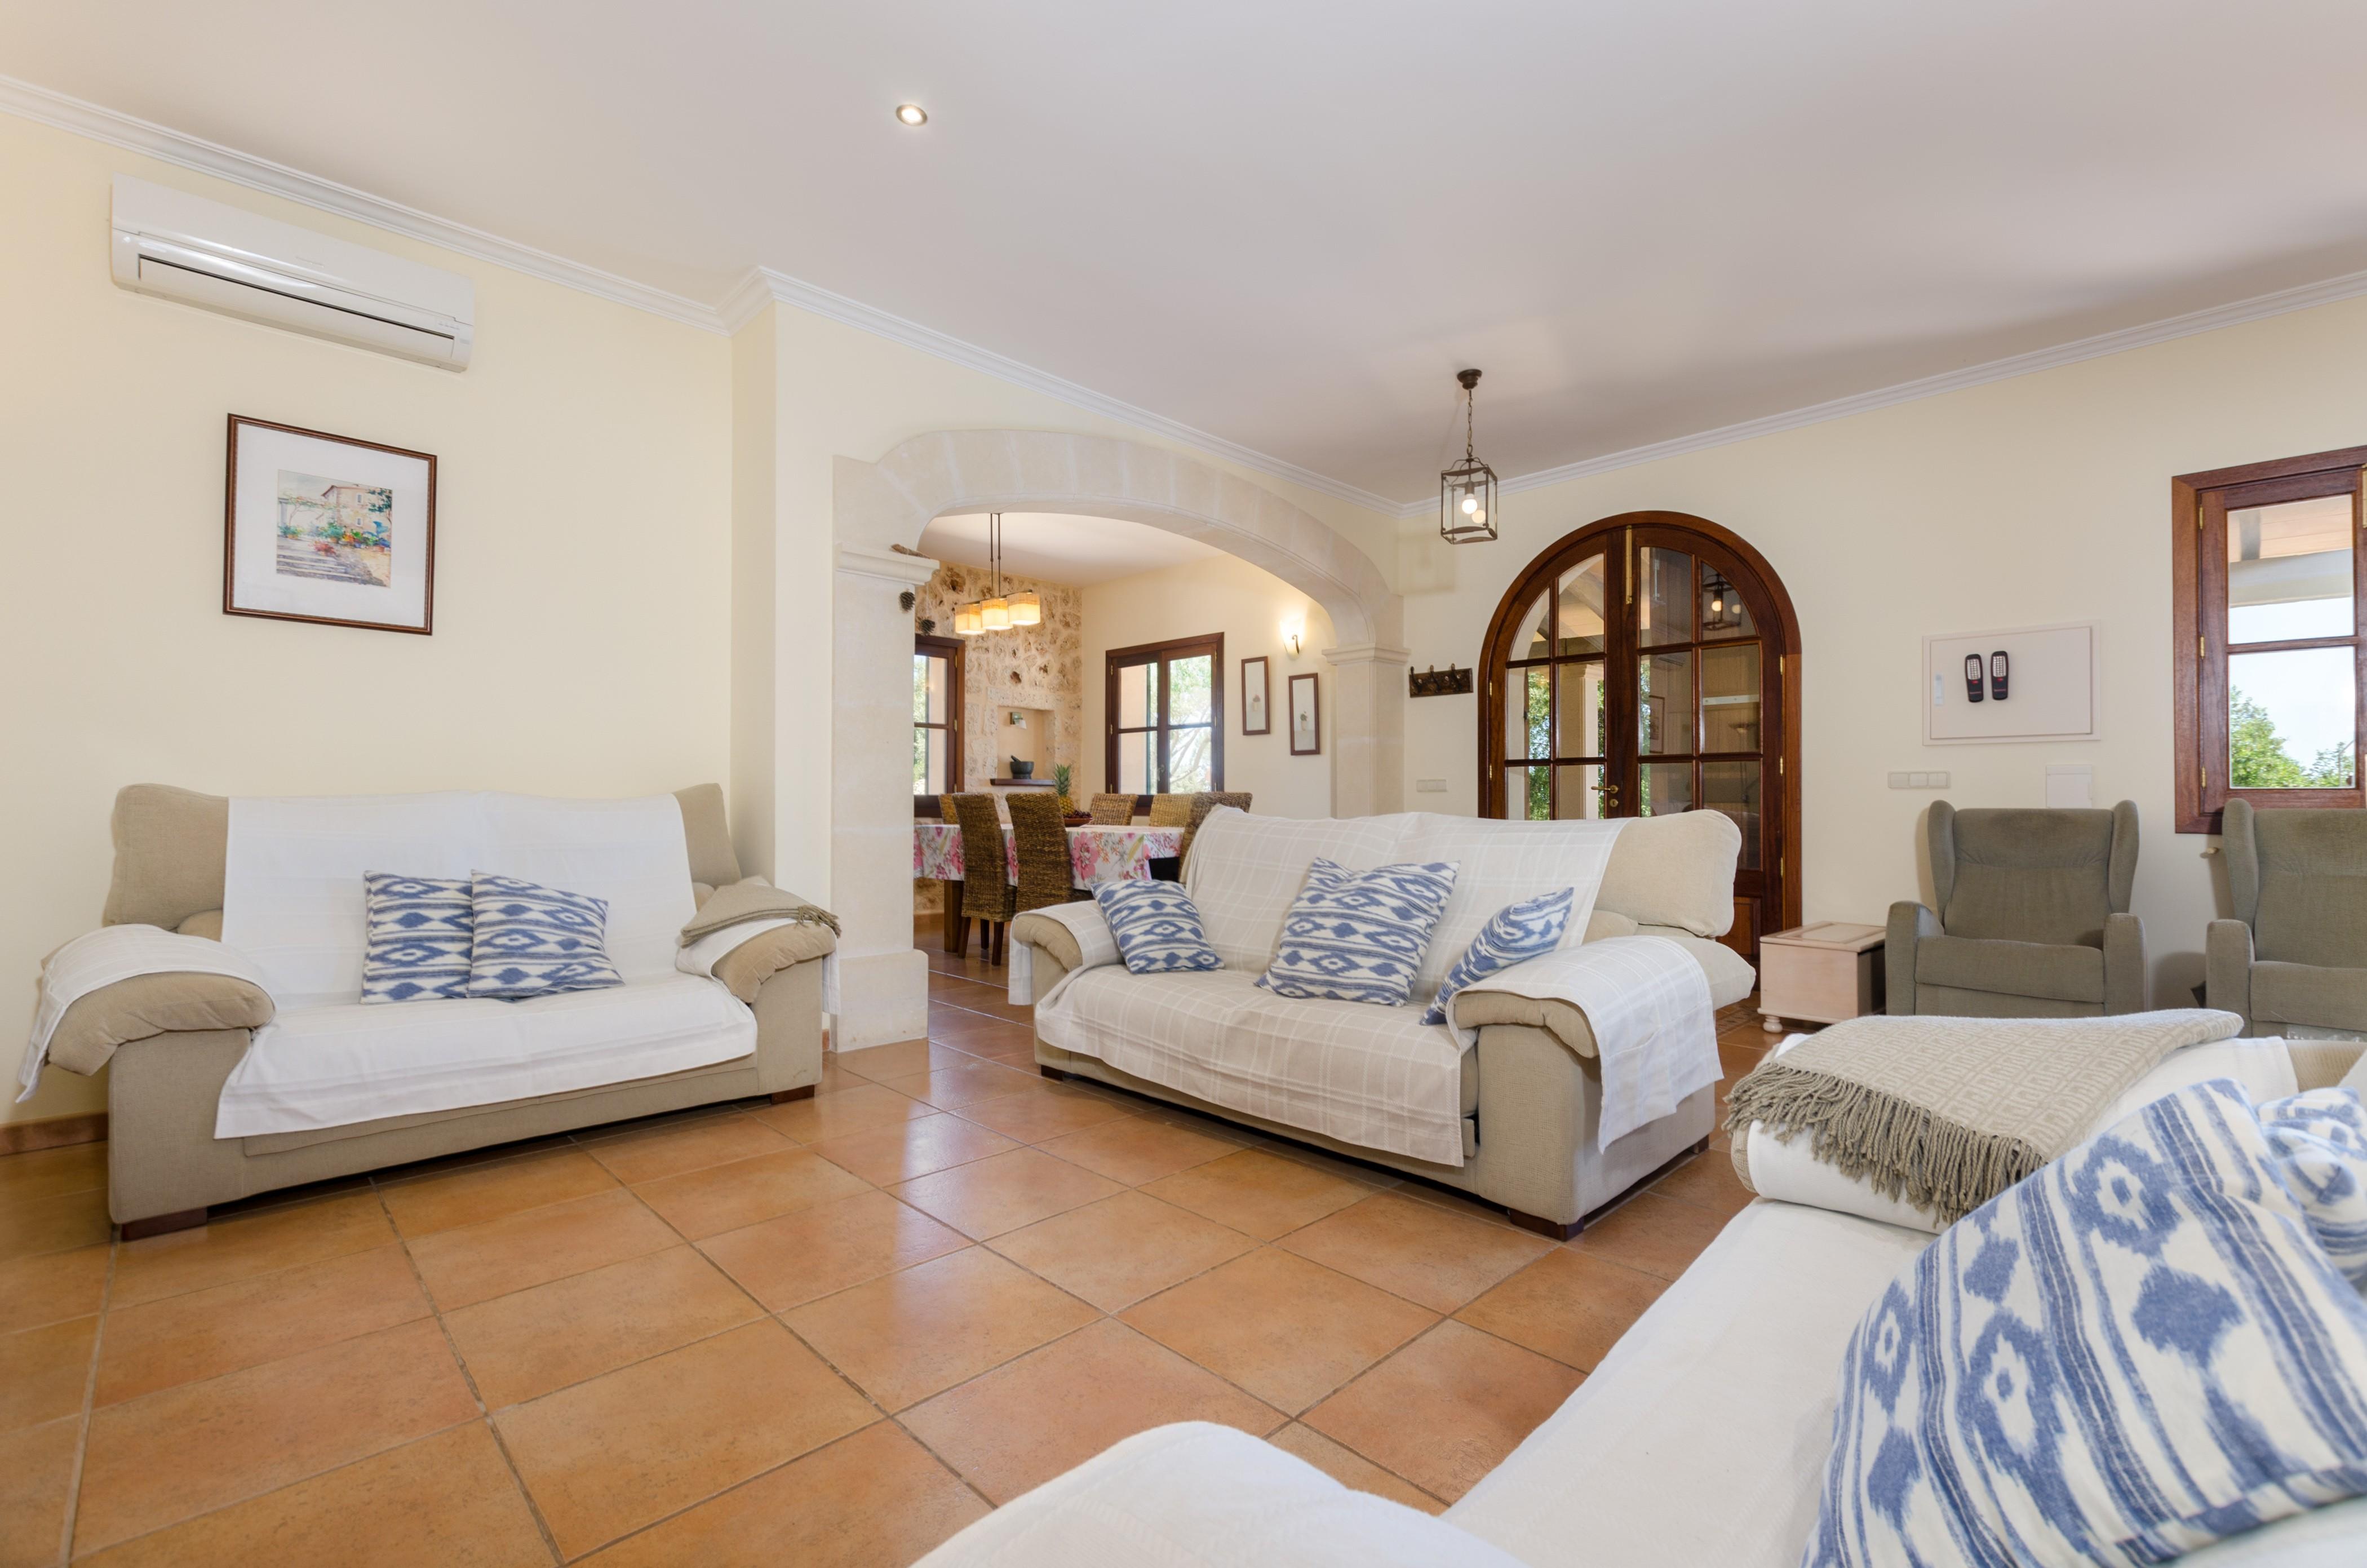 Maison de vacances ES VEDAT (2632993), Lloret de Vistalegre, Majorque, Iles Baléares, Espagne, image 12